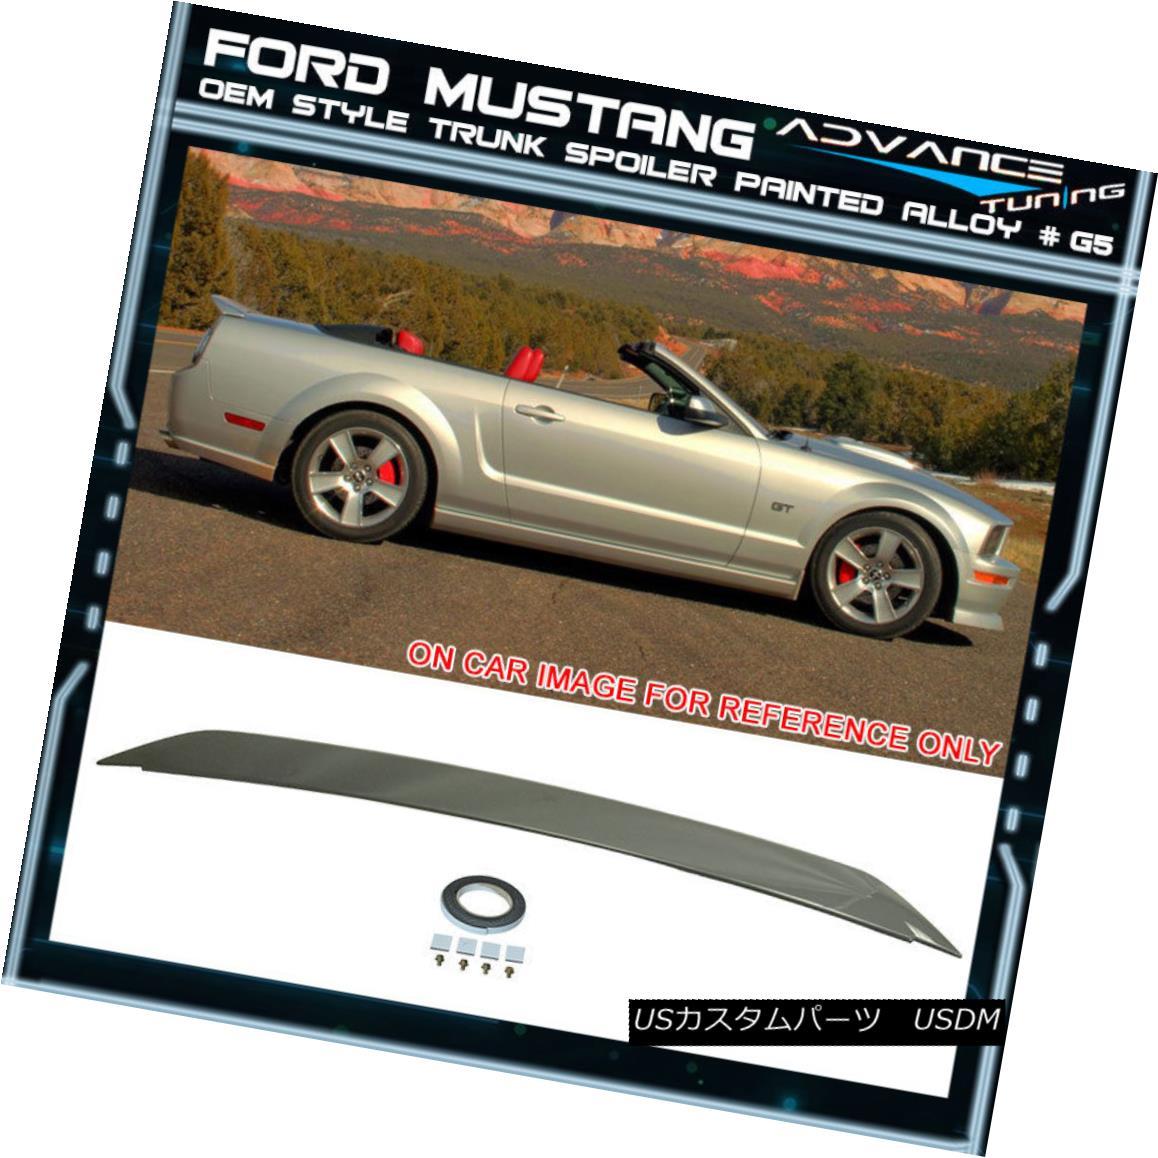 エアロパーツ 05-09 Ford Mustang Trunk Spoiler OEM Painted Color Alloy # G5 05-09フォードマスタングトランクスポイラーOEM塗装カラー合金#G5